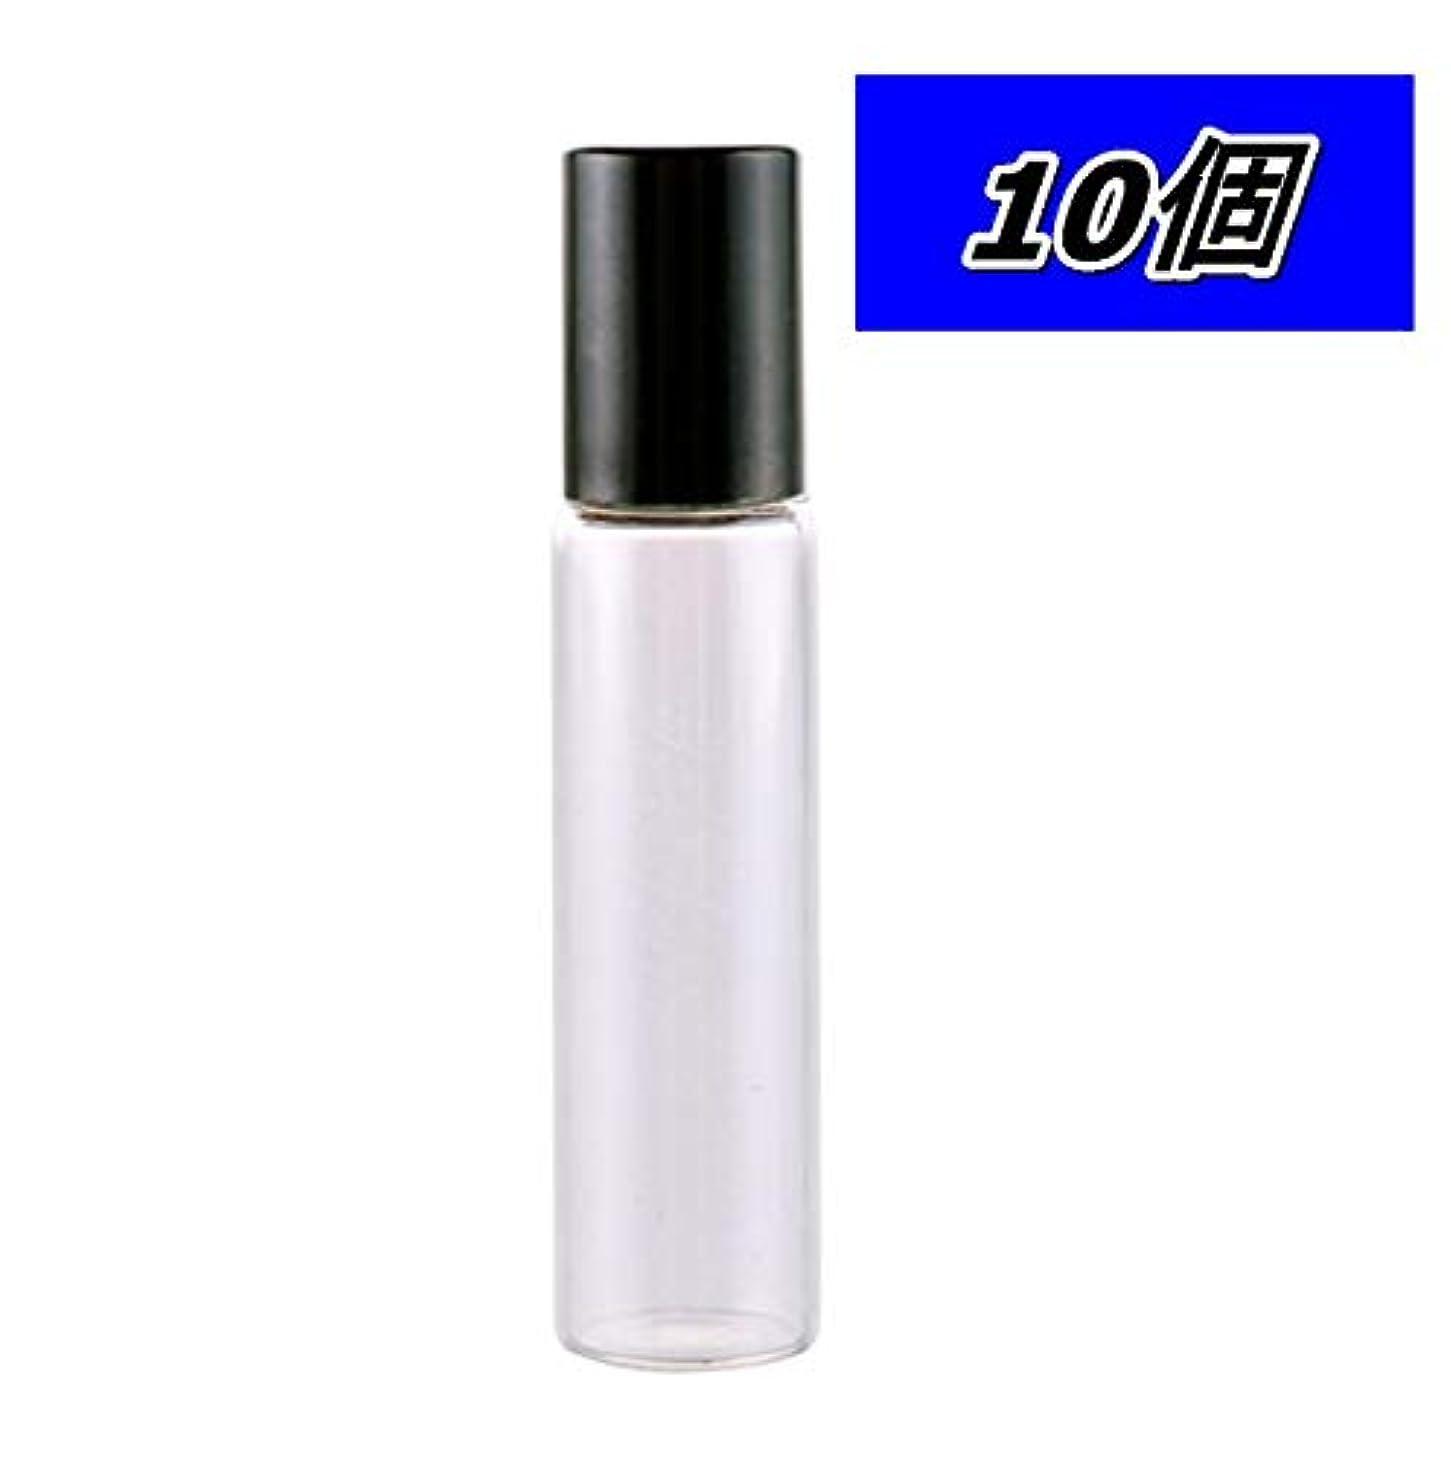 方言放送それにもかかわらず[SP] ロールオンボトル 容器 アロマ ボトル ガラス 瓶 透明 クリア 香水 小分け 持ち運び 10ml 10本 セット